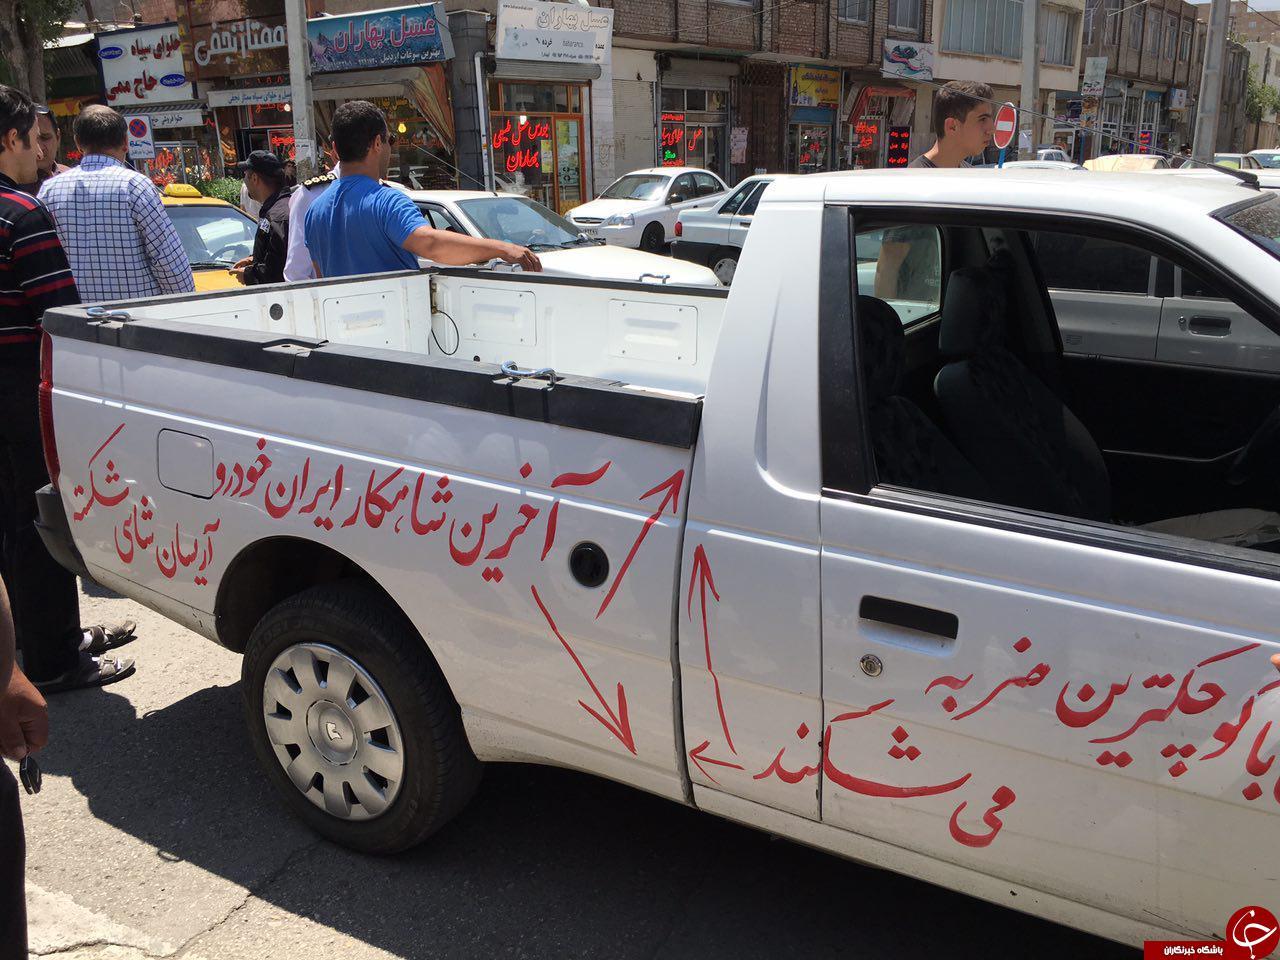 دوئل جالب خریدار با ایران خودرو + تصاویر